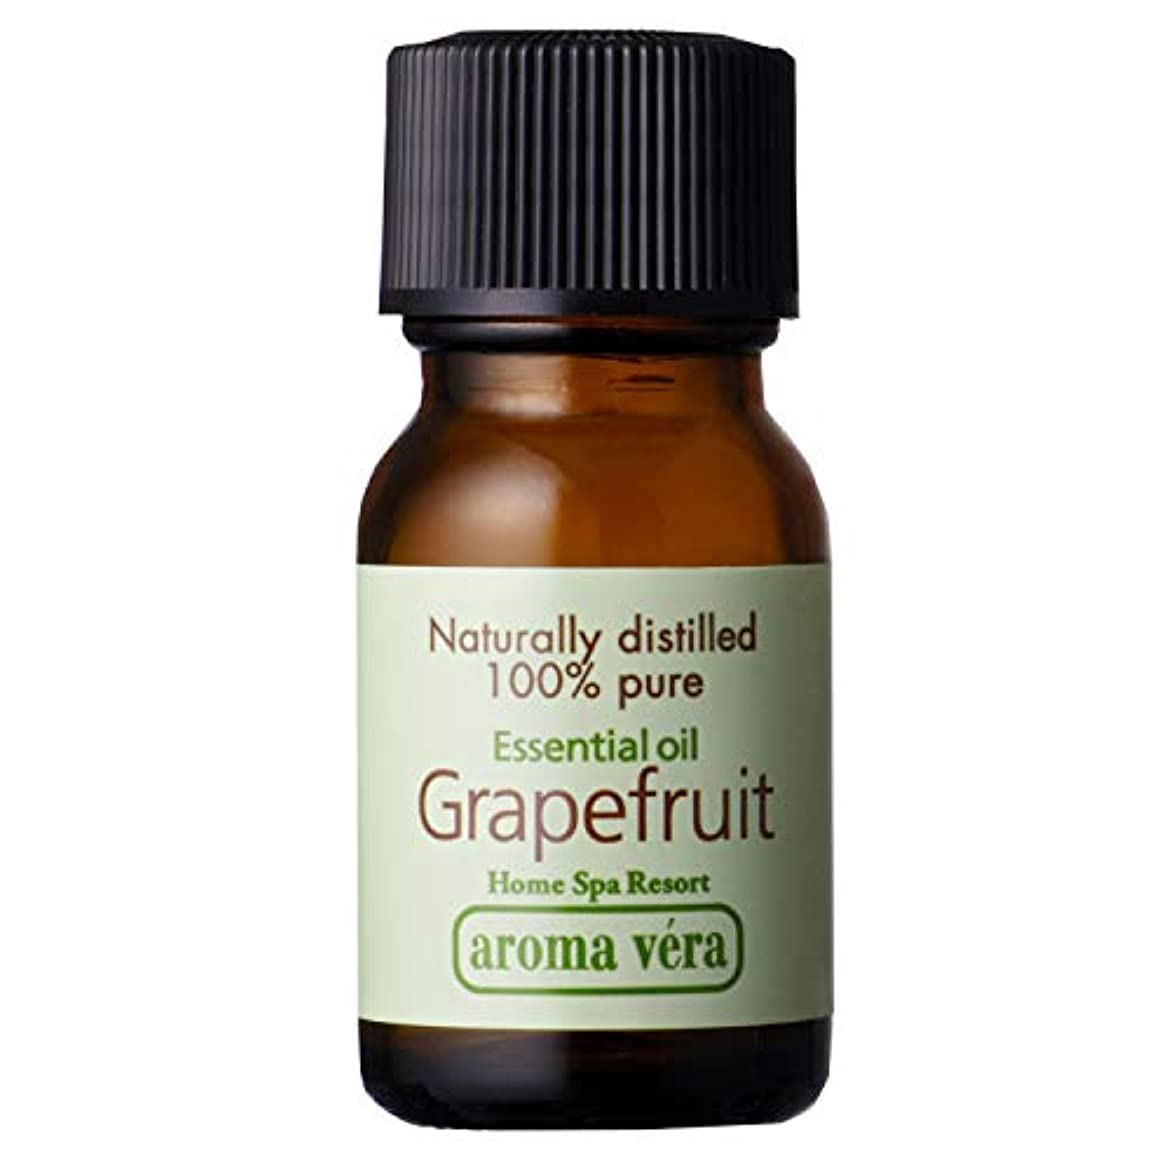 麻酔薬比類のないリボンアロマベラ エッセンシャルオイル グレープフルーツ 10ml